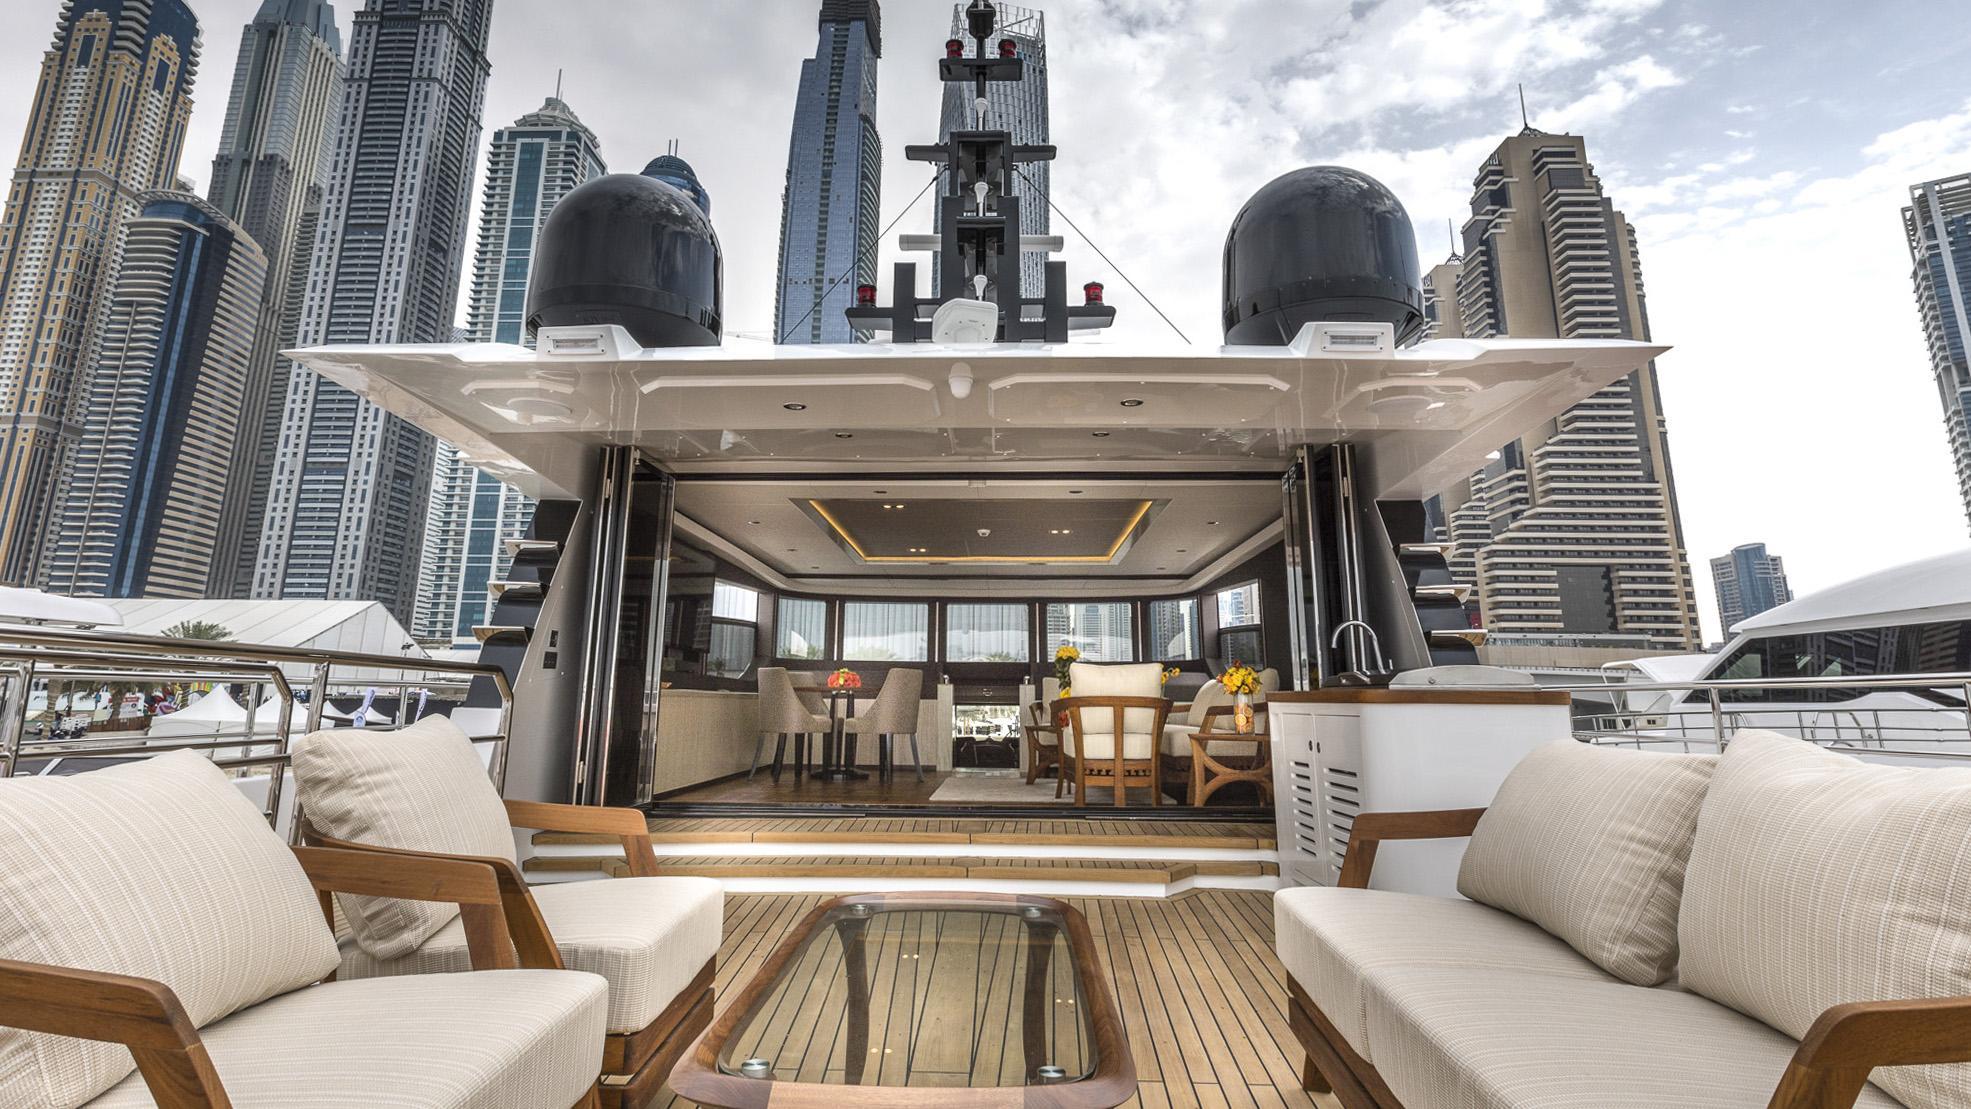 nahar majesty 100 motoryacht gulf craft 31m 2017 skylounge